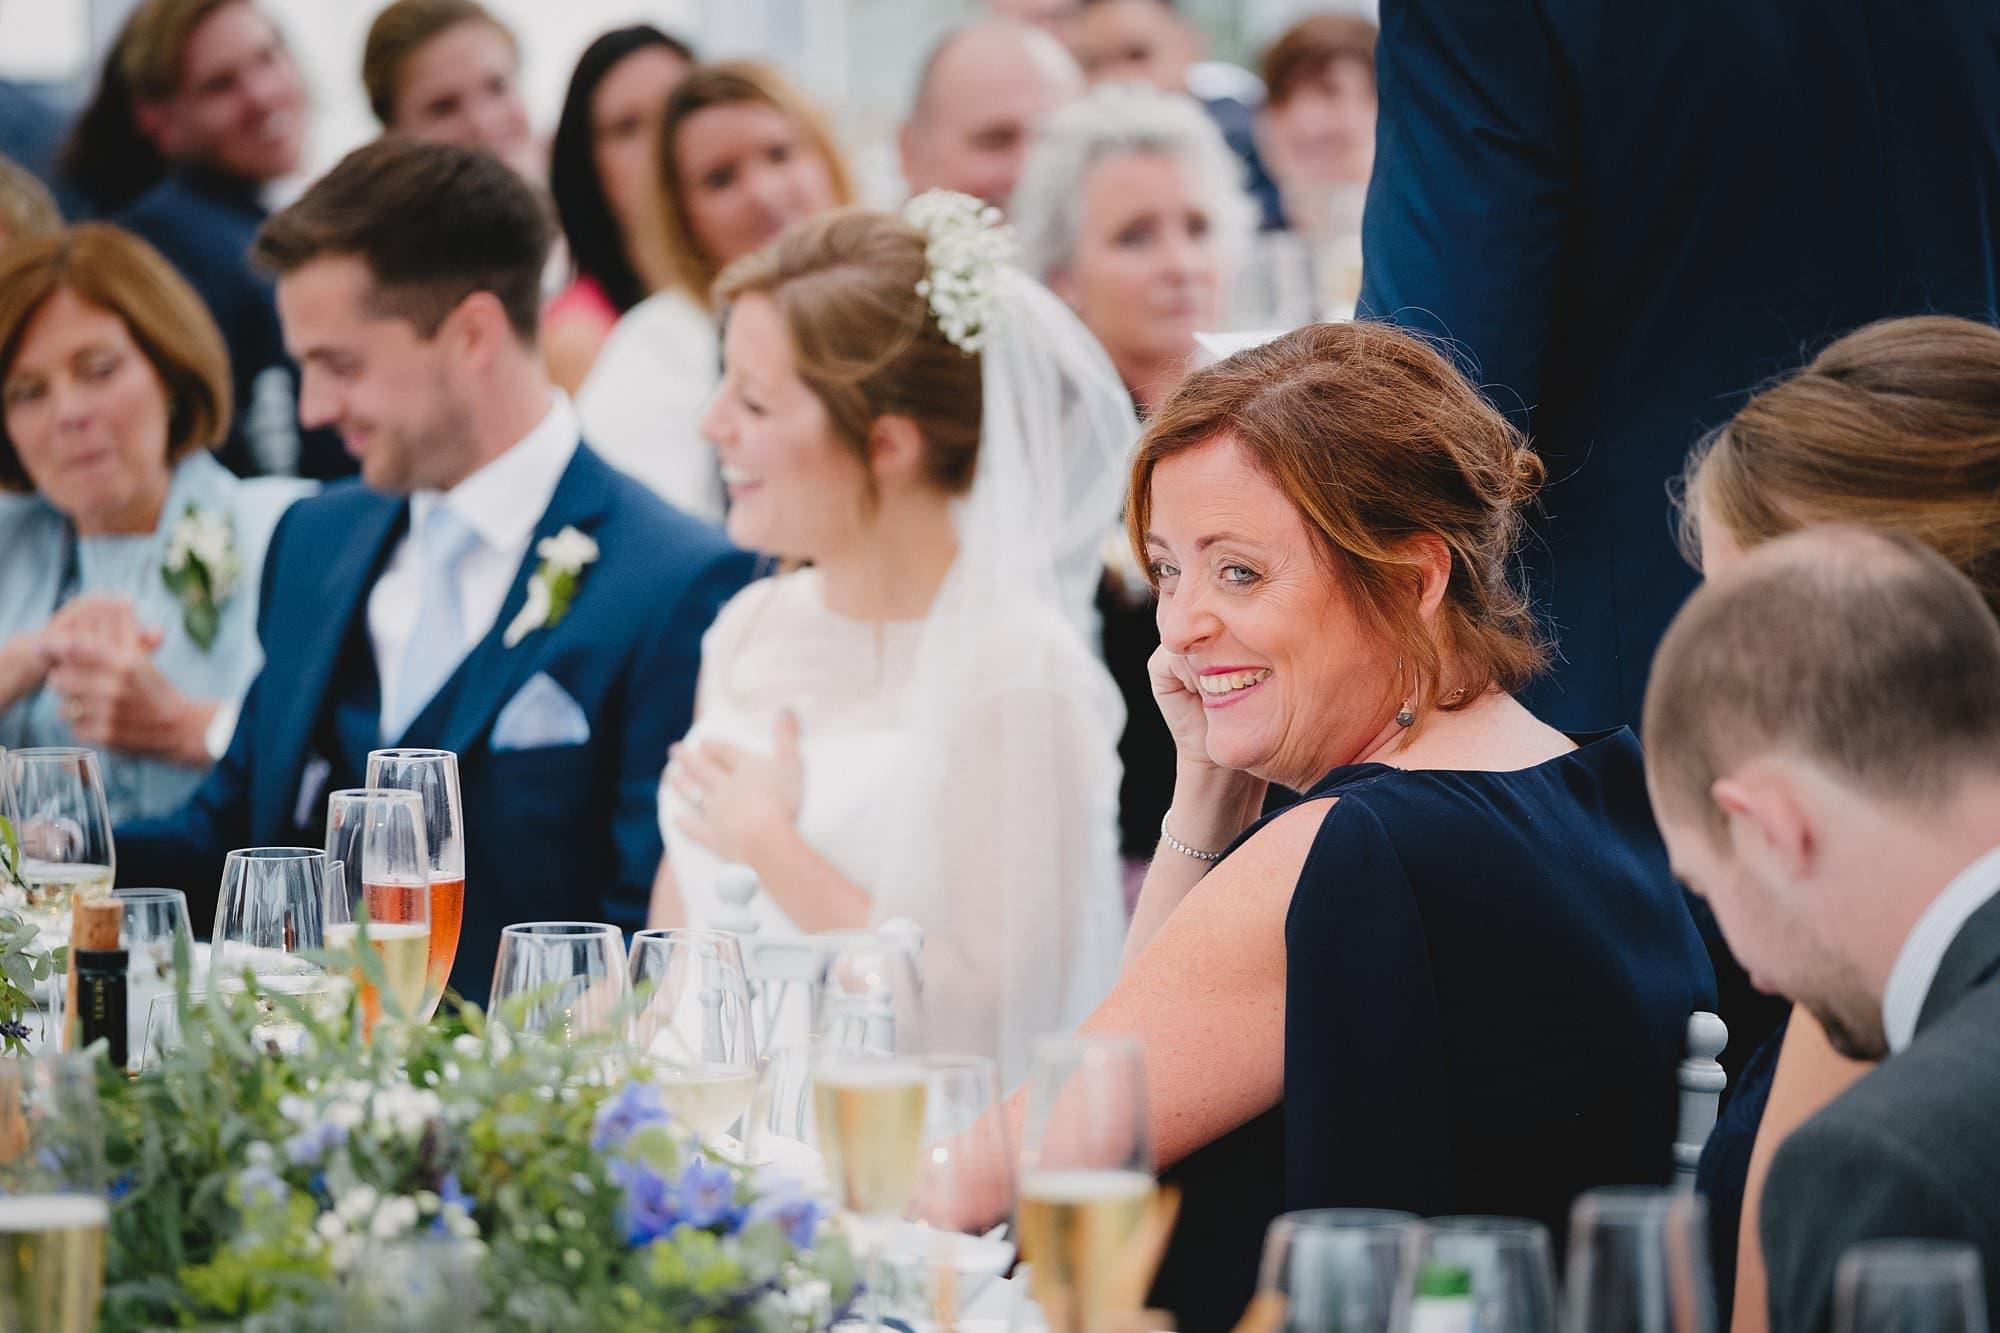 ashtead london wedding photographer 064 - Rachel & Jonny's Ashtead Wedding